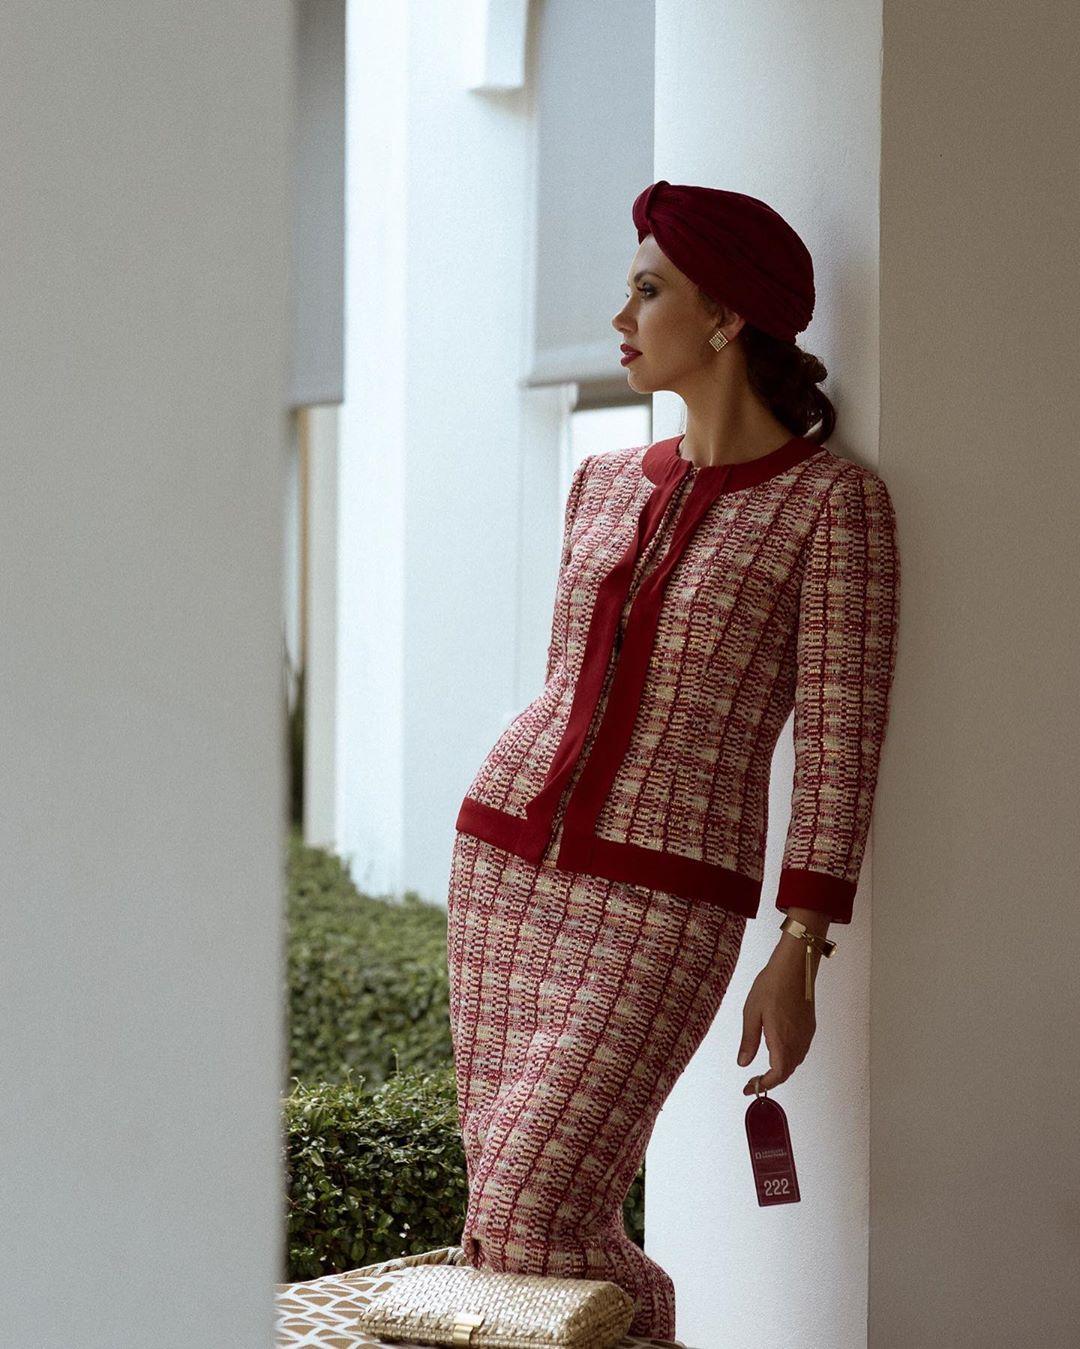 модные образы для бизнес-леди осень 2019 фото 5